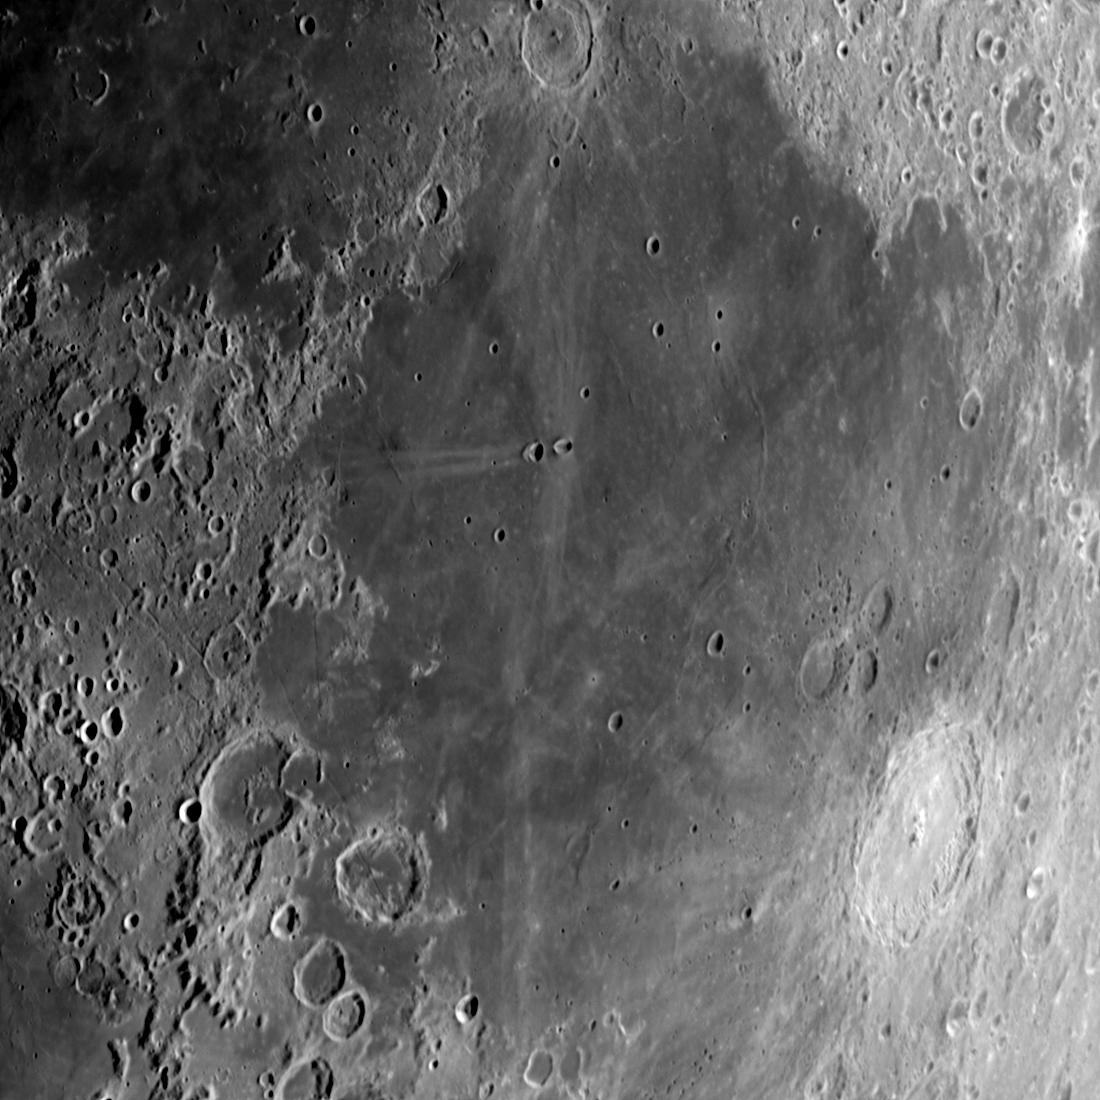 Mare Fecunditatis (im Zentrum) aufgenommen mit einem Orion OMC 200 Maksutov Cassegrain Teleskop und einer ZWO ASI 174 MM Kamera (Mondalter 7,2 d).